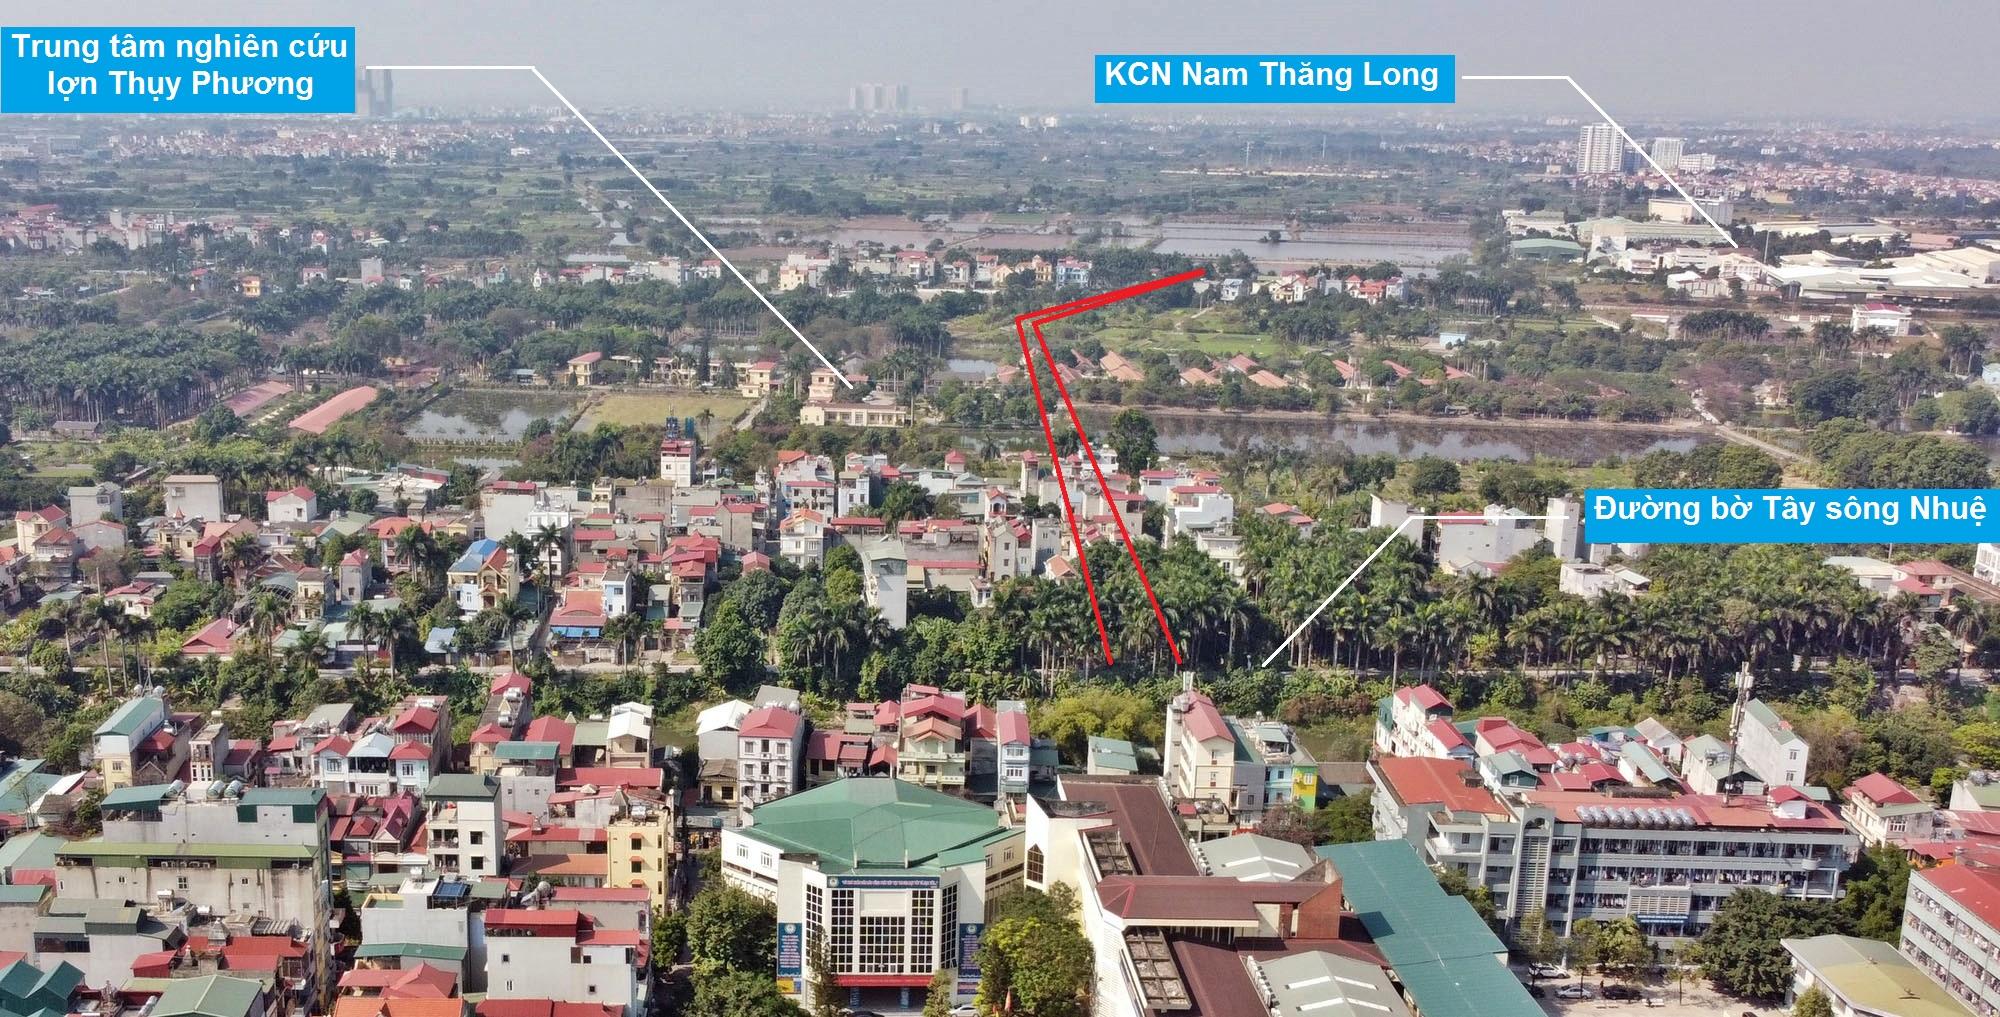 Ba đường sẽ mở theo qui hoạch ở phường Thụy Phương, Bắc Từ Liêm, Hà Nội (phần 2) - Ảnh 9.